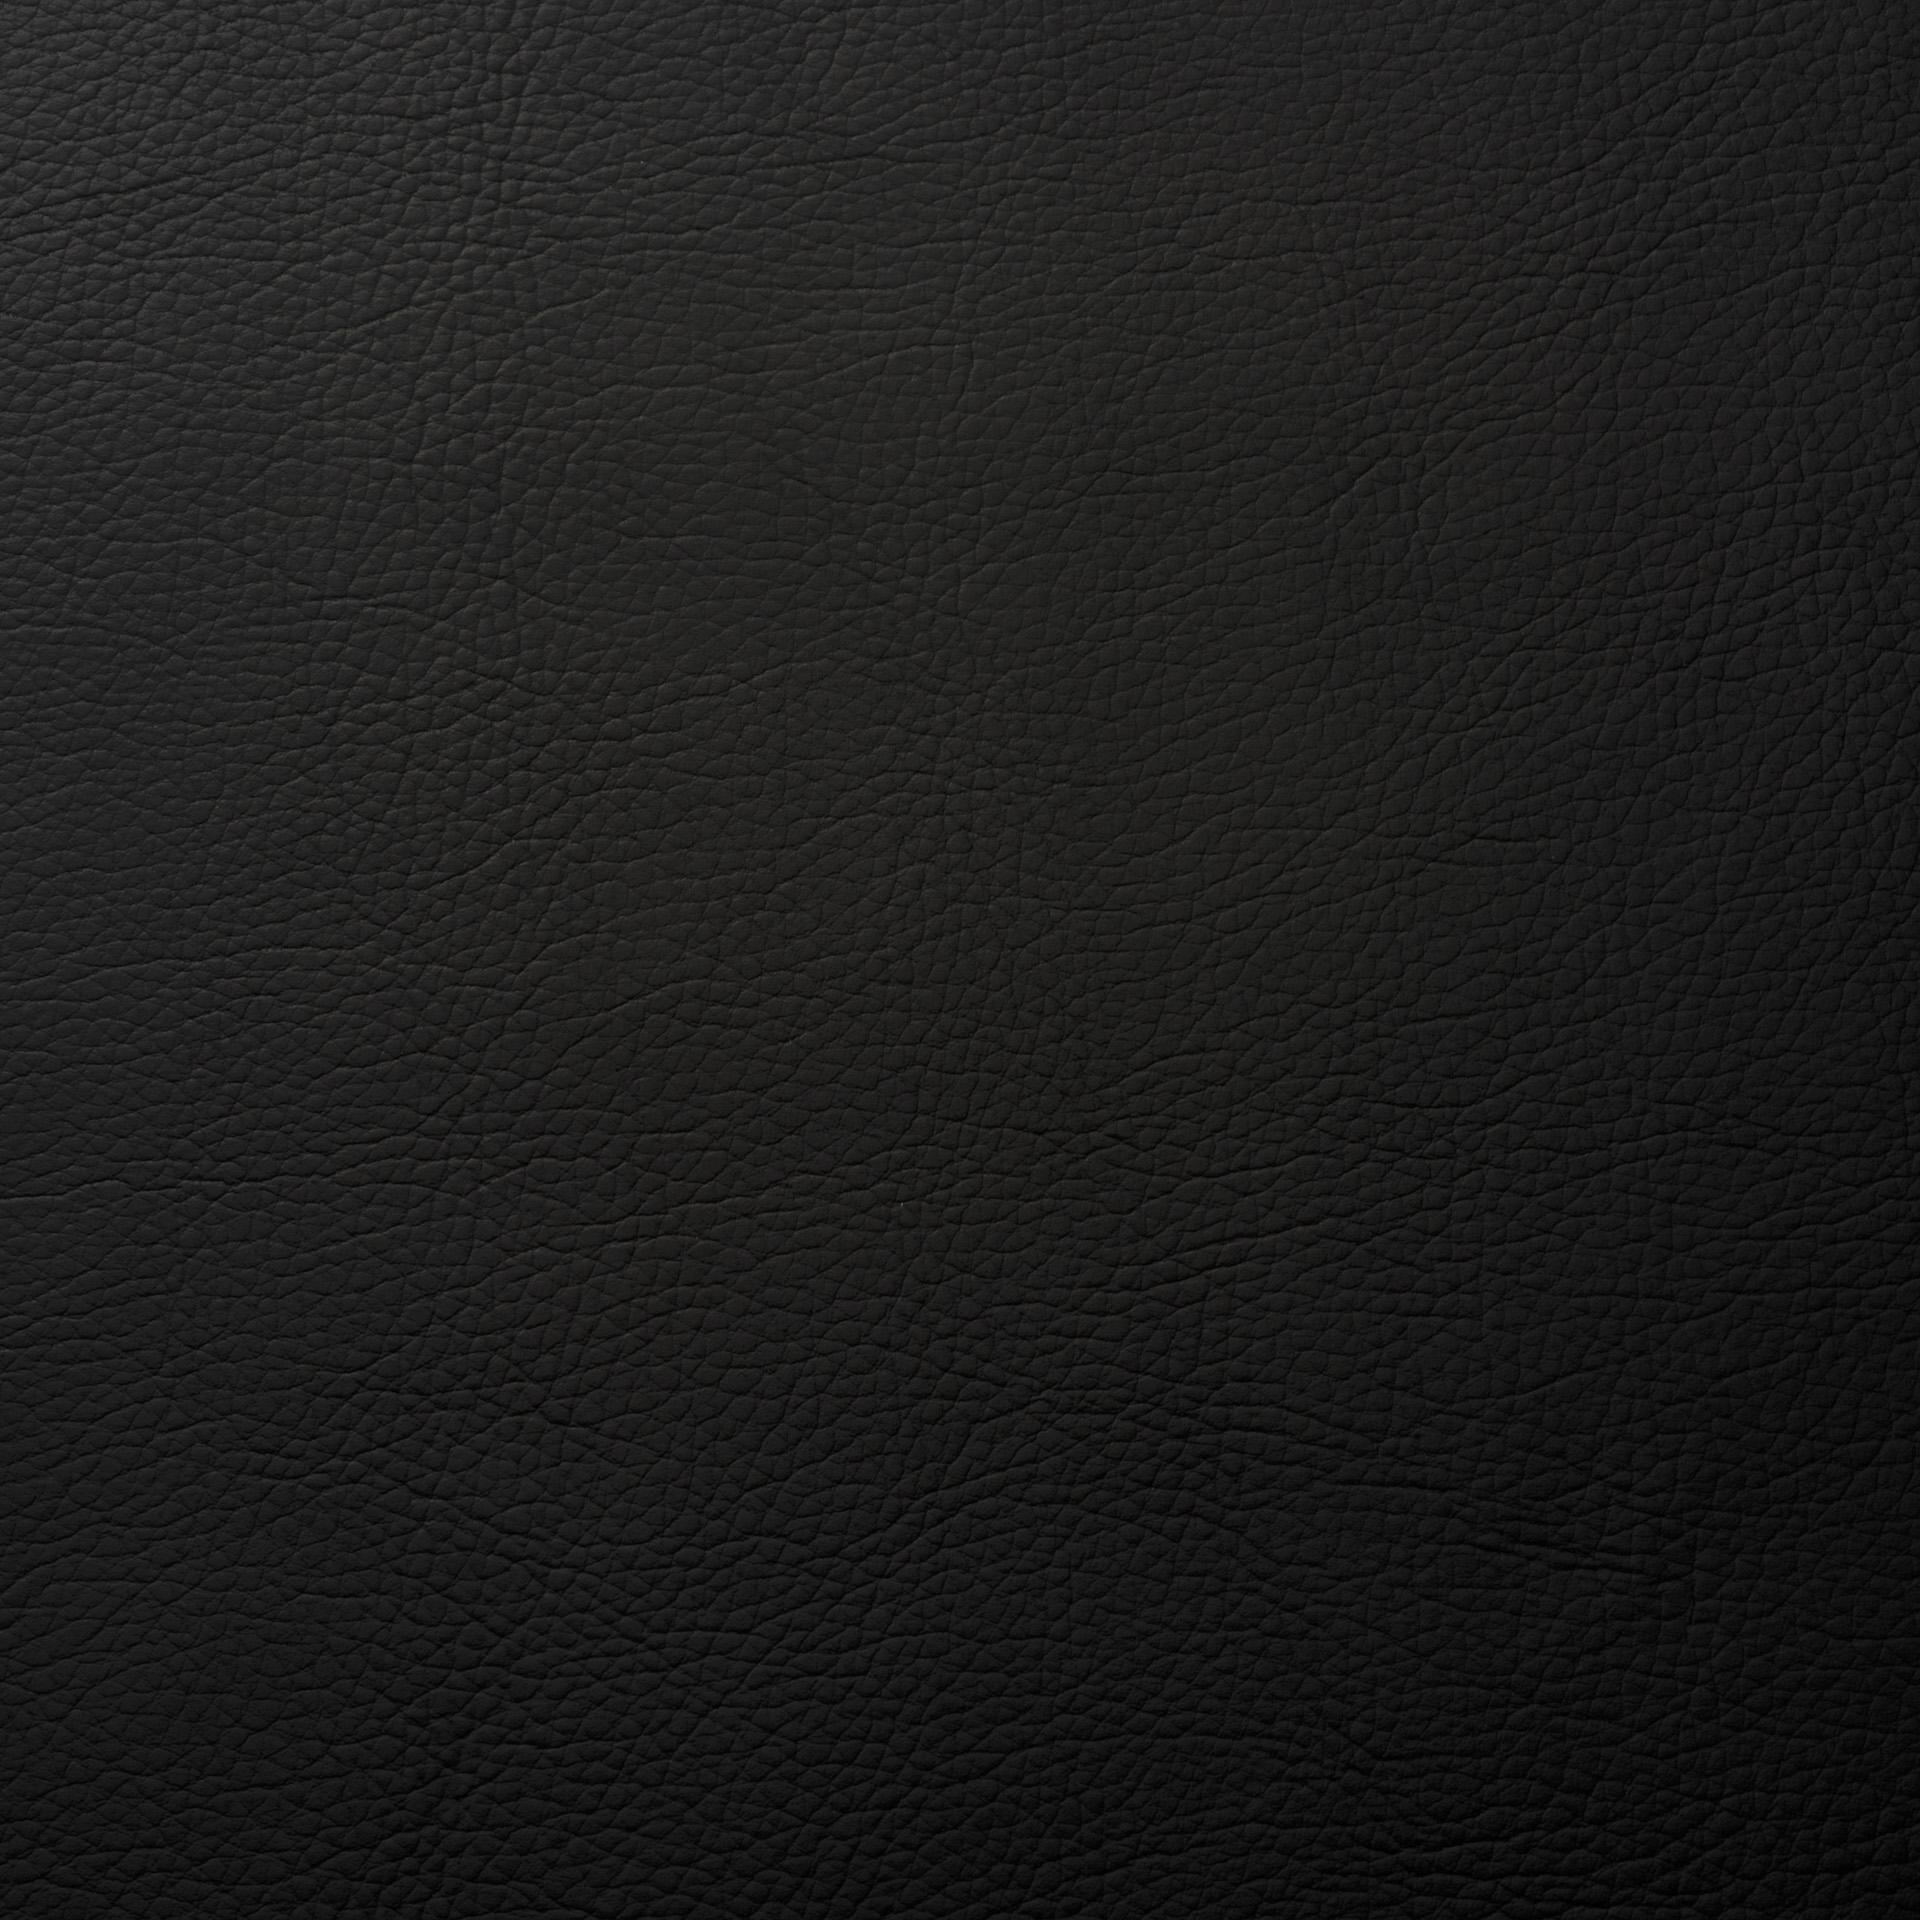 Коллекция ткани Леонардо Каппеллини 12 SNOW STORM,  купить ткань Кож зам для мебели Украина